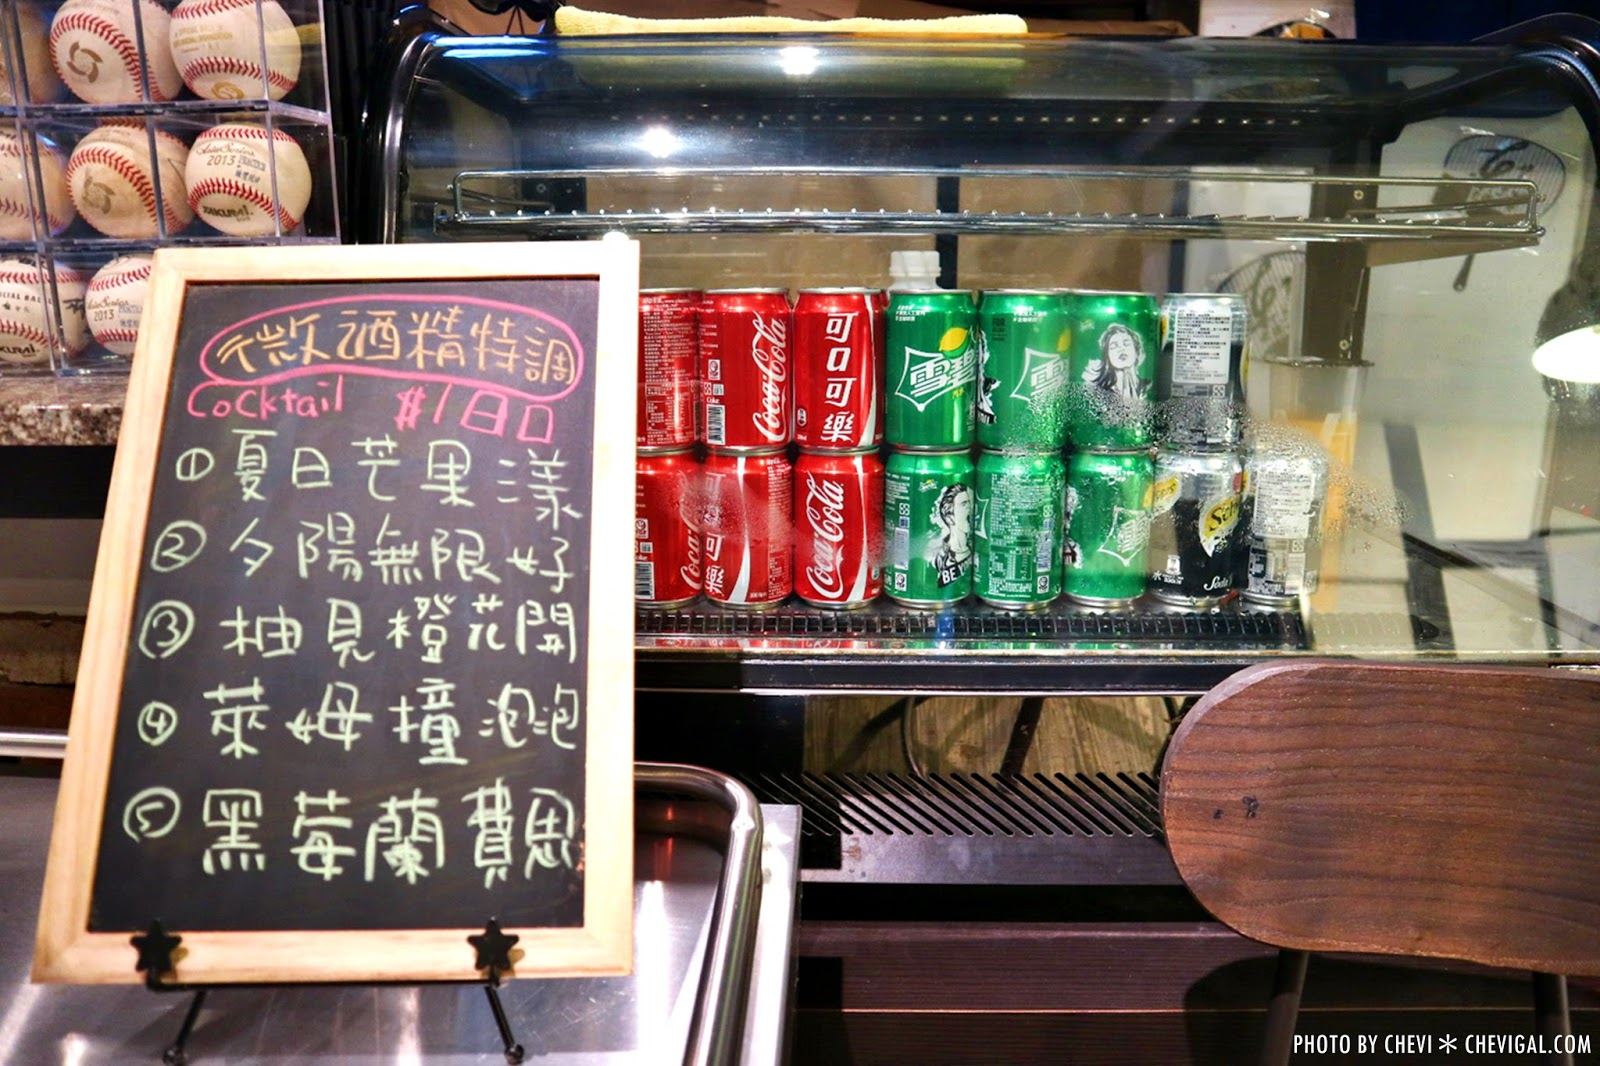 image256 - 熱血採訪│大和17。日式建築的運動主題餐館。自在氣氛包場好地方。臺虎精釀也能喝得到